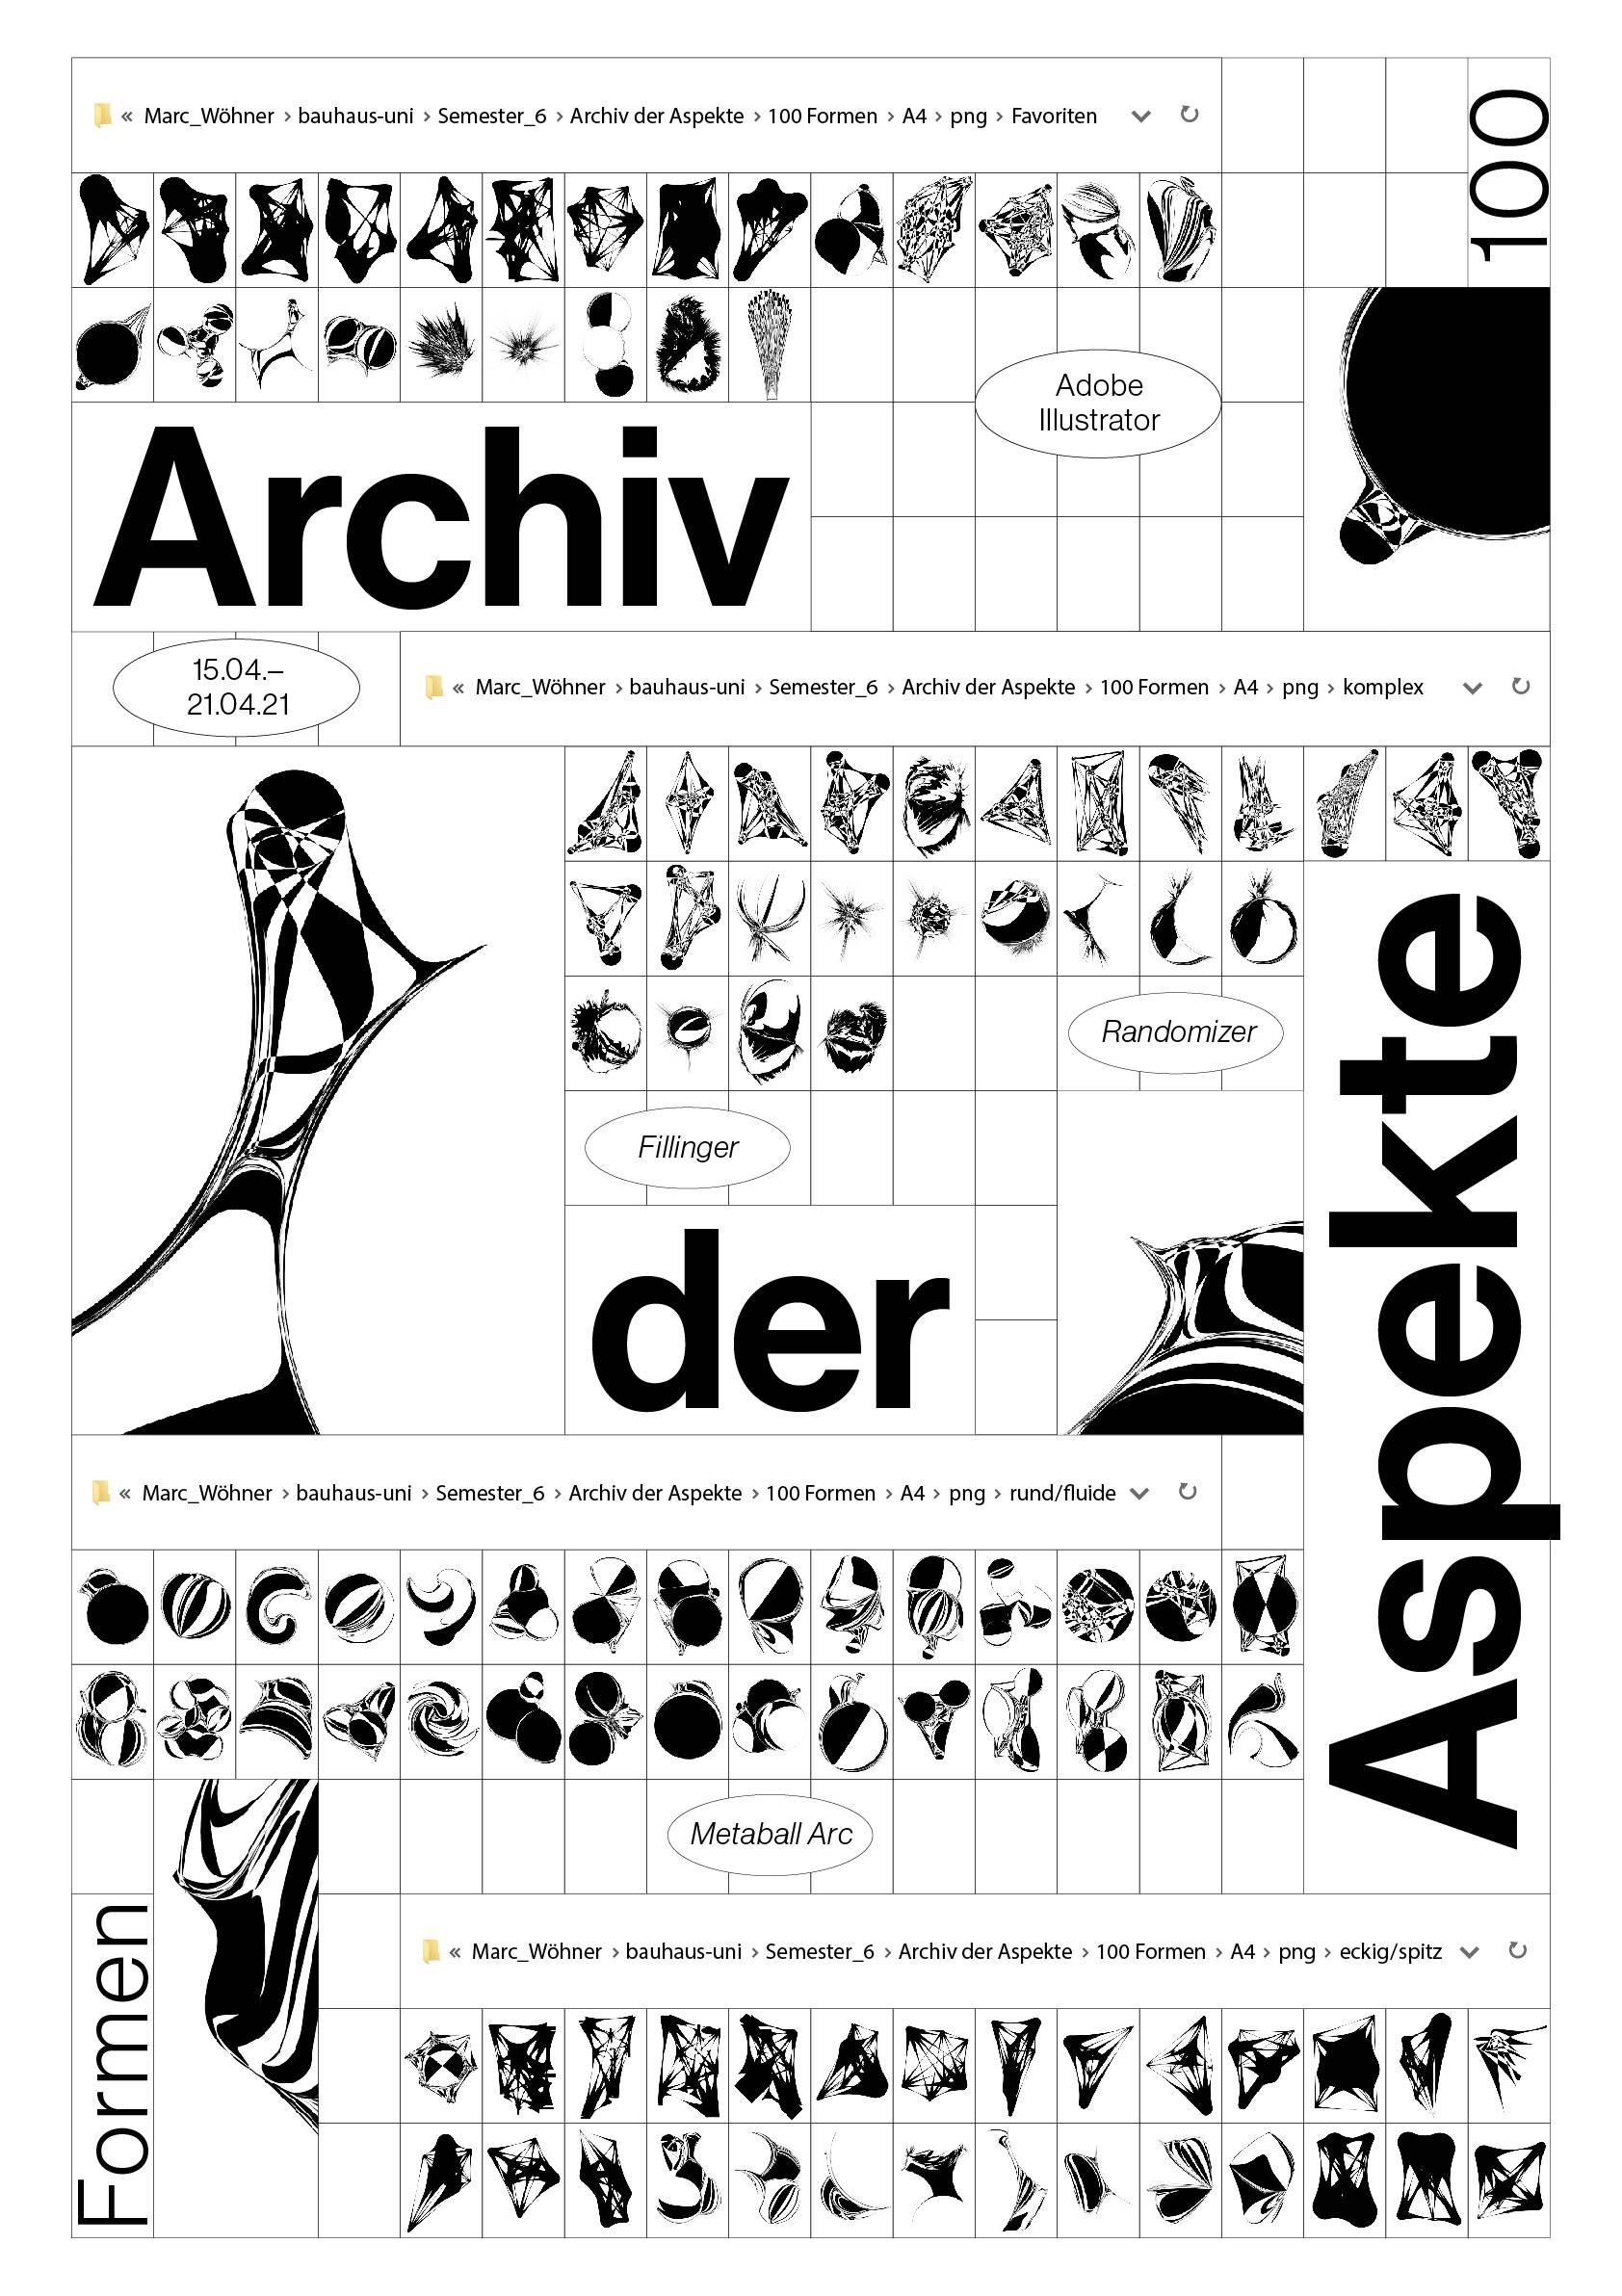 Archiv der Aspekte